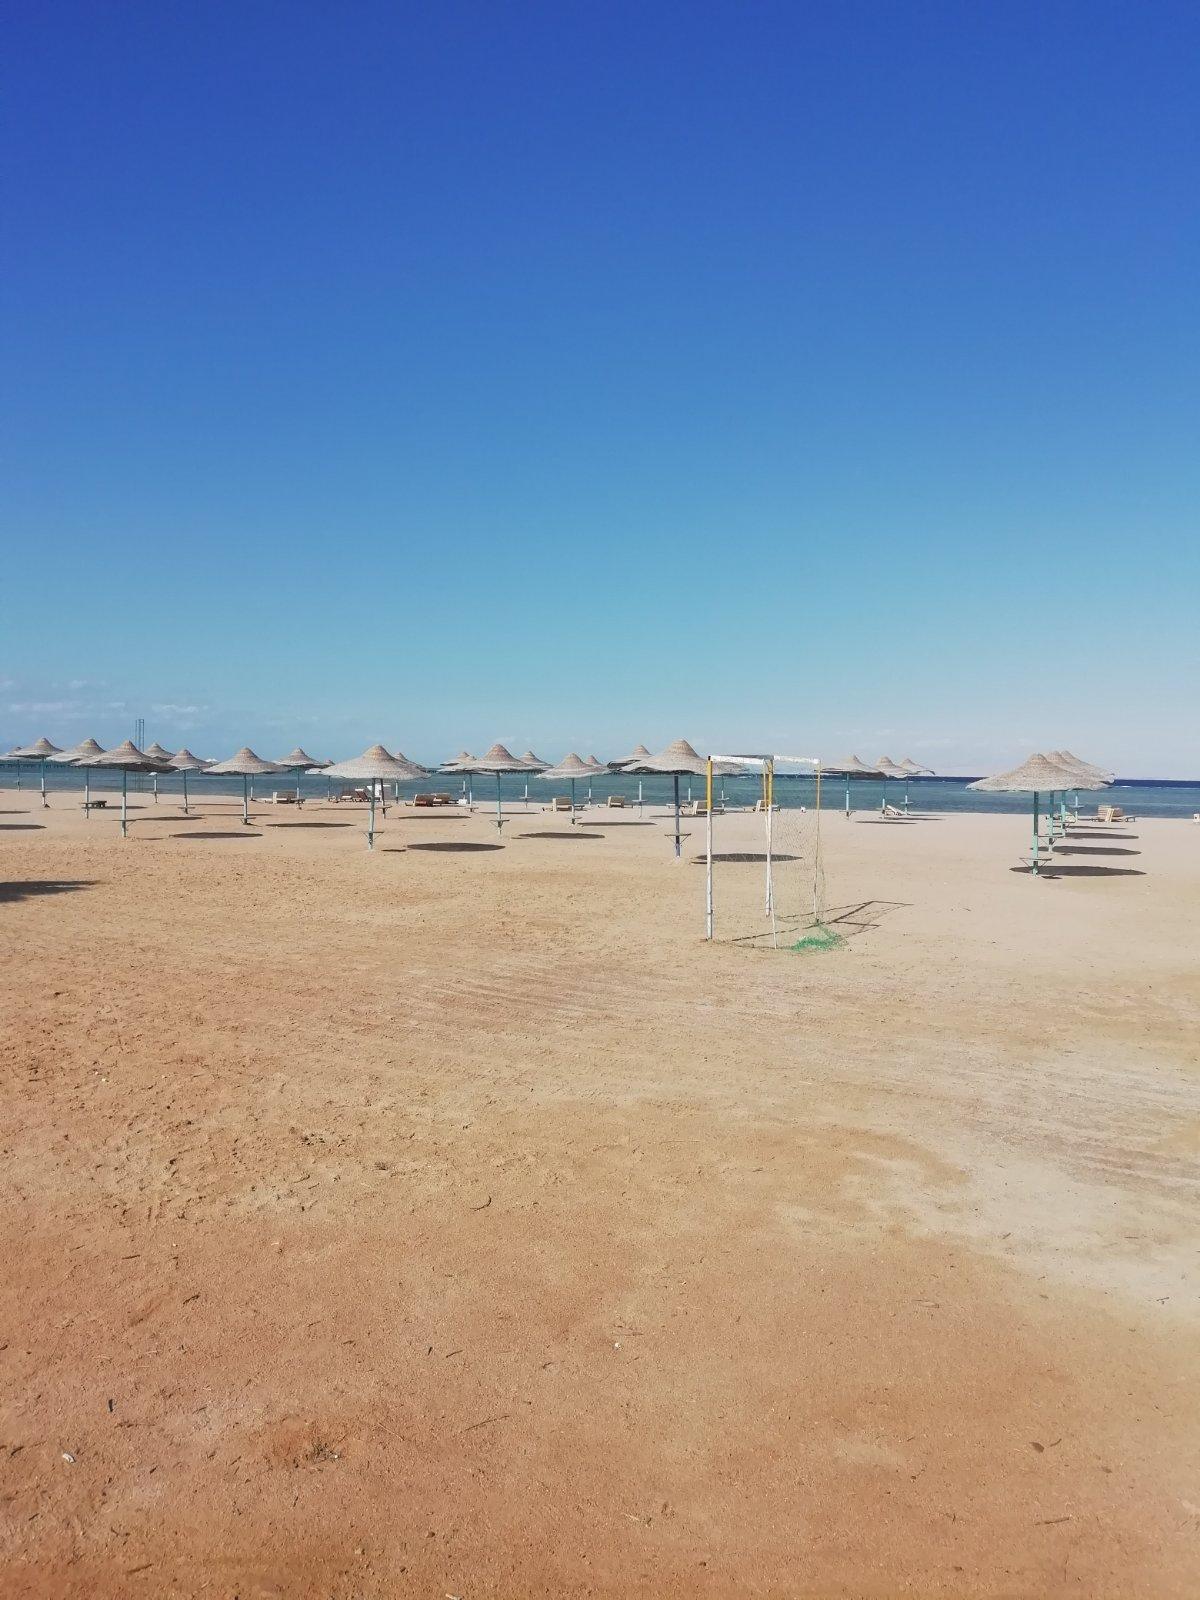 ВШарм-эль-Шейхе практически не осталось туристов